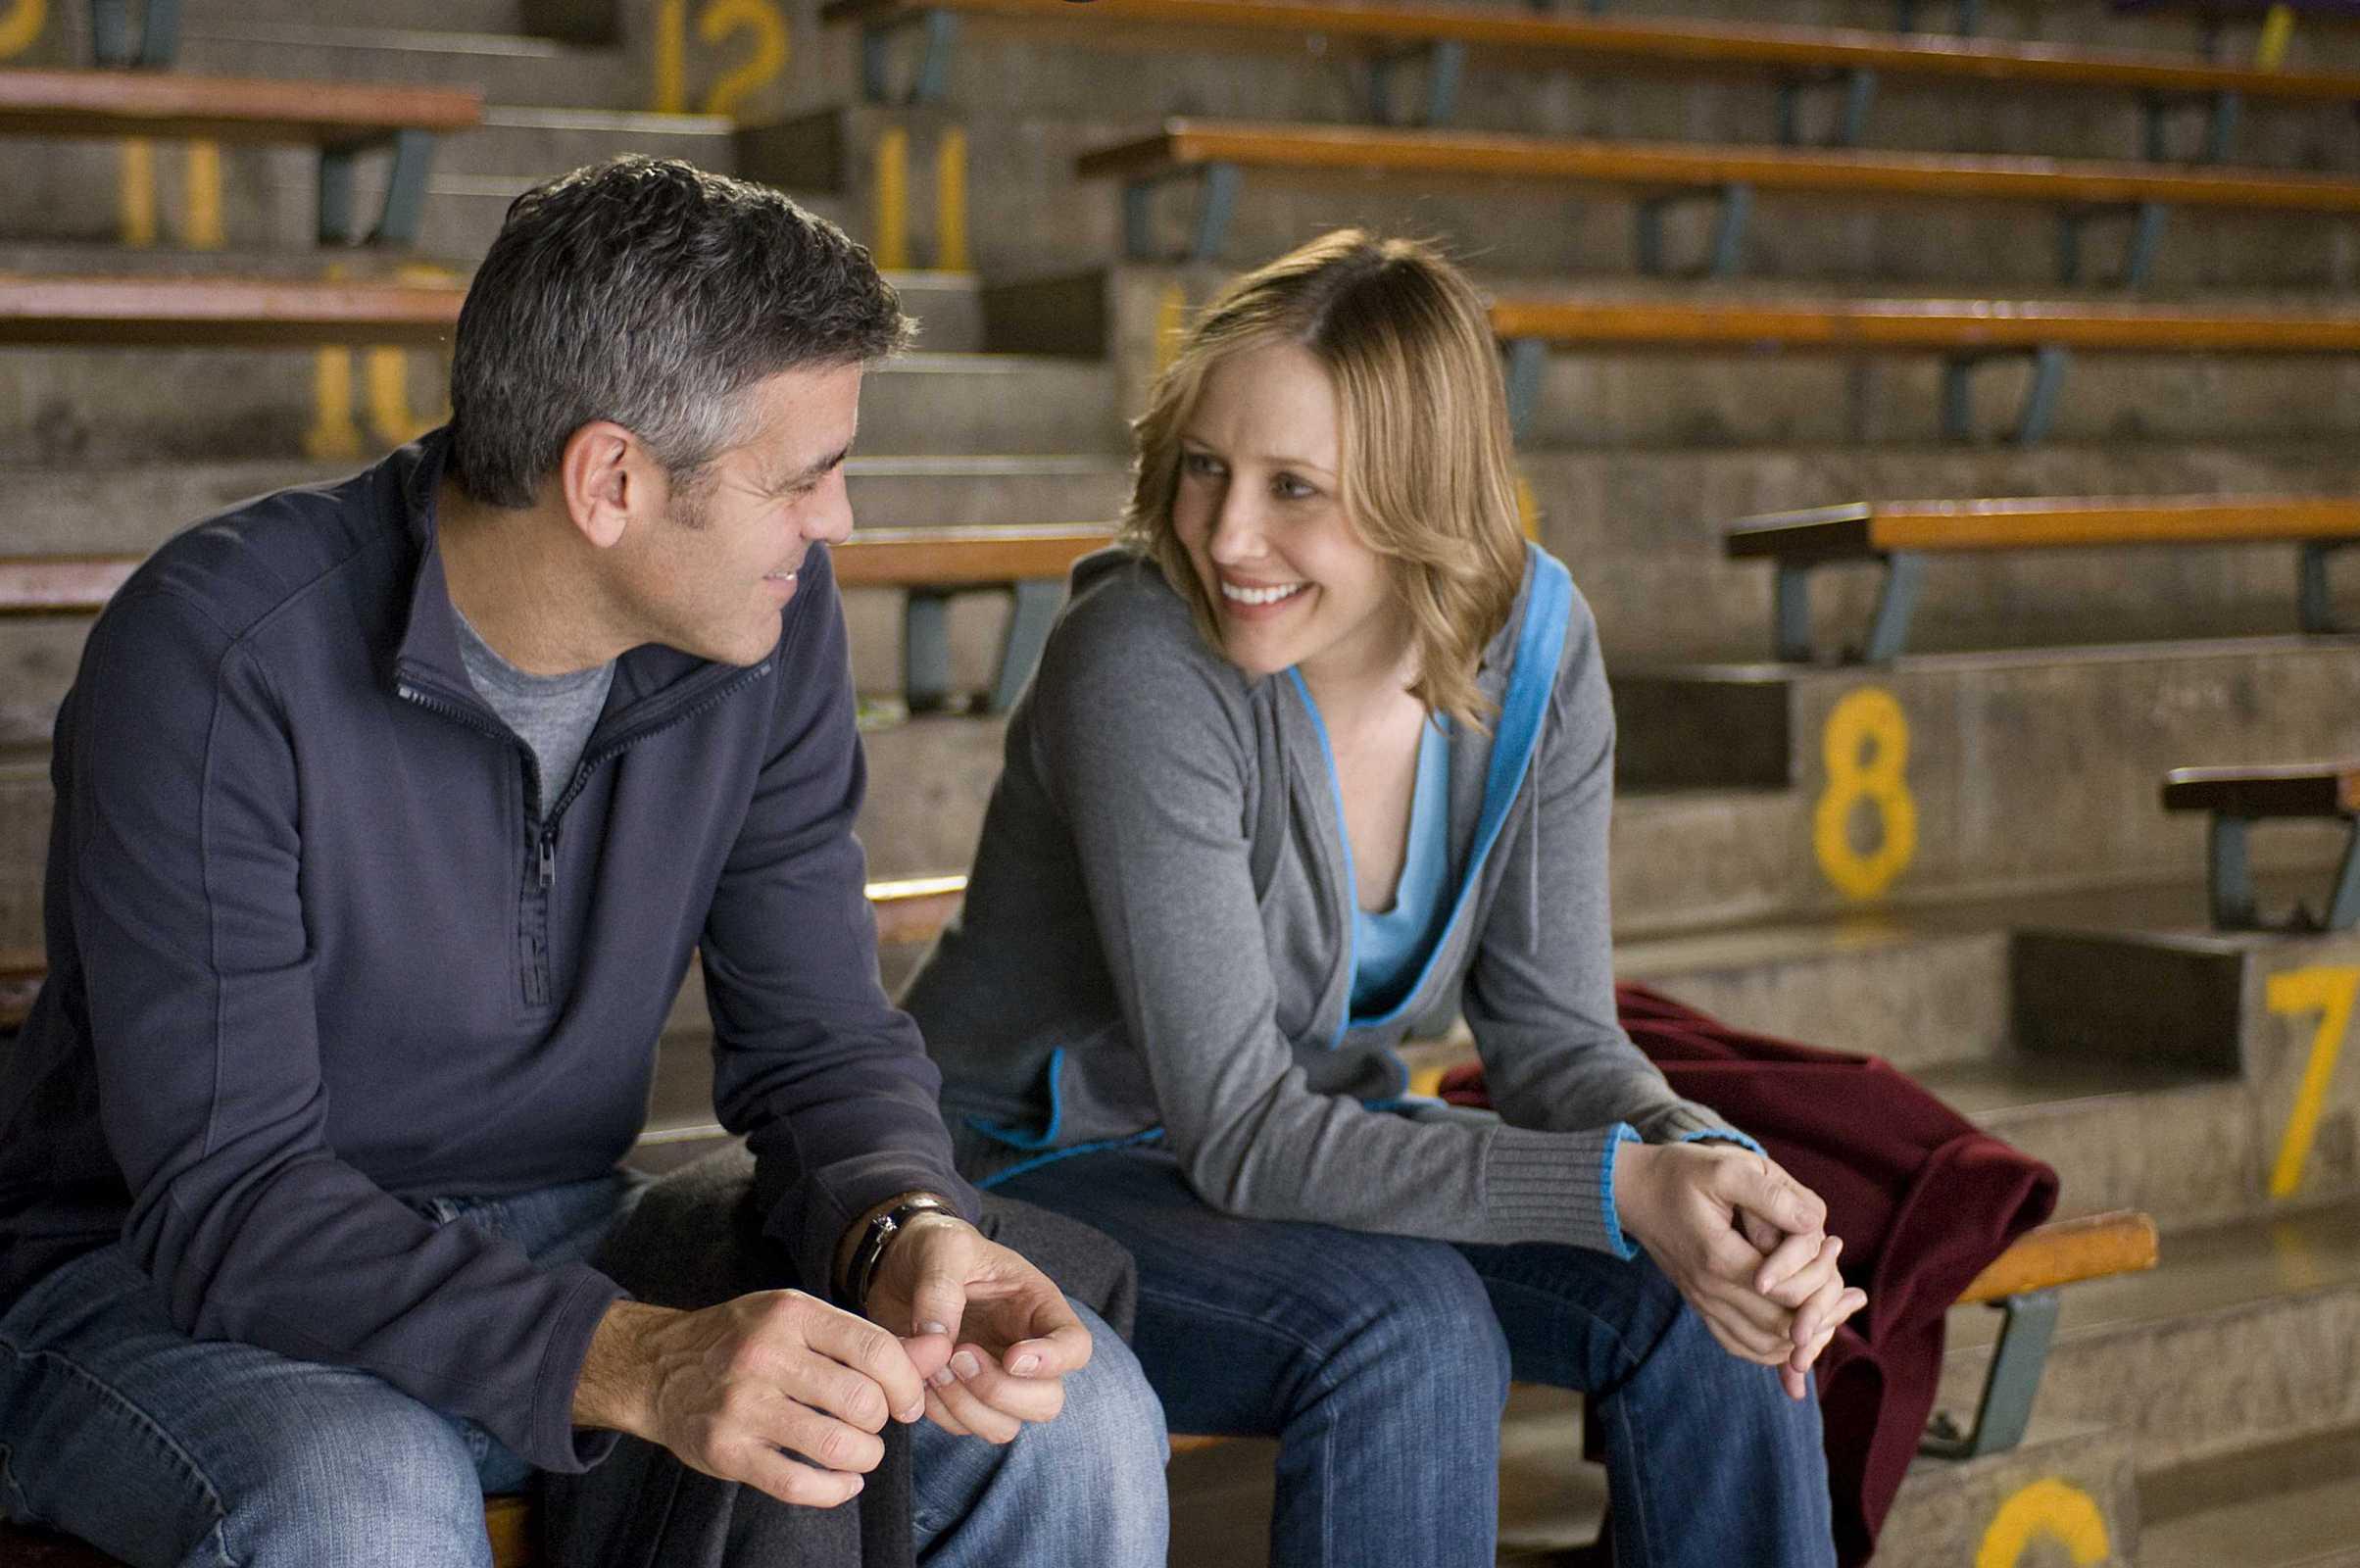 кадры из фильма Мне бы в небо Вера Фармига, Джордж Клуни,